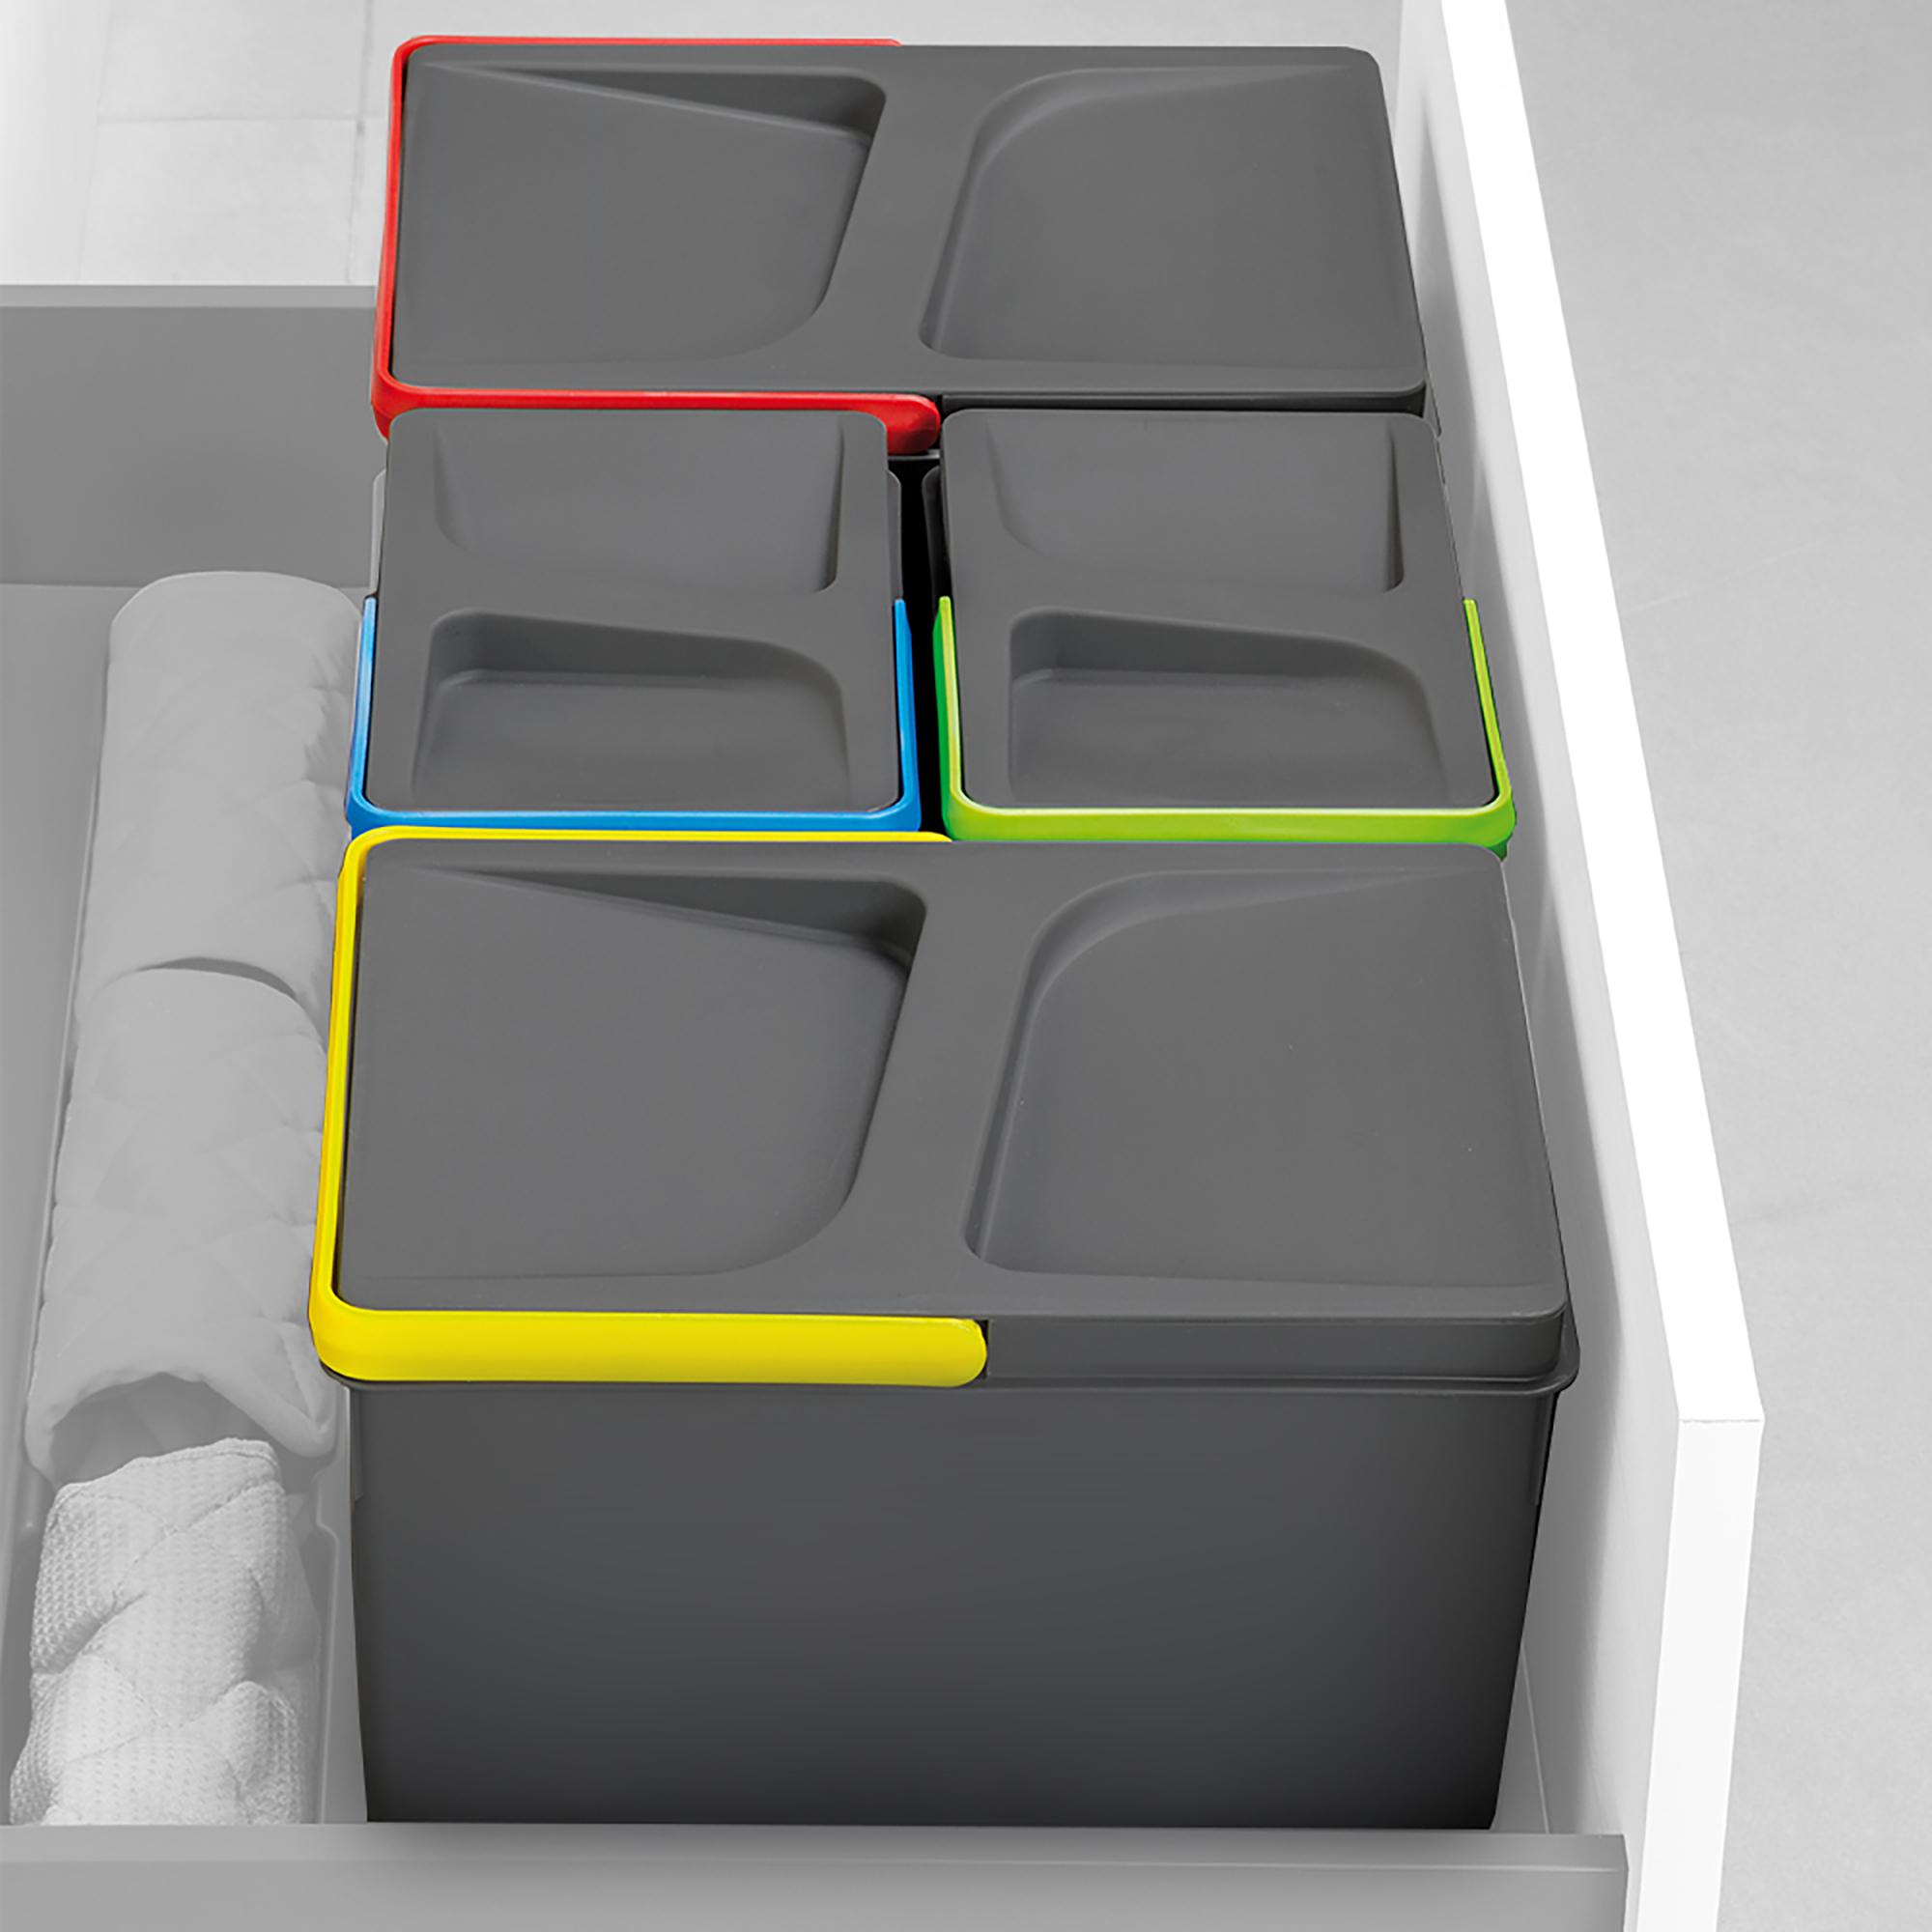 Emuca Contenitori per raccolta differenziata, 12 L 12 L + 7 L + 7 L, modulo 900 mm, Plastica, Grigio antracite, 4 u. + Base